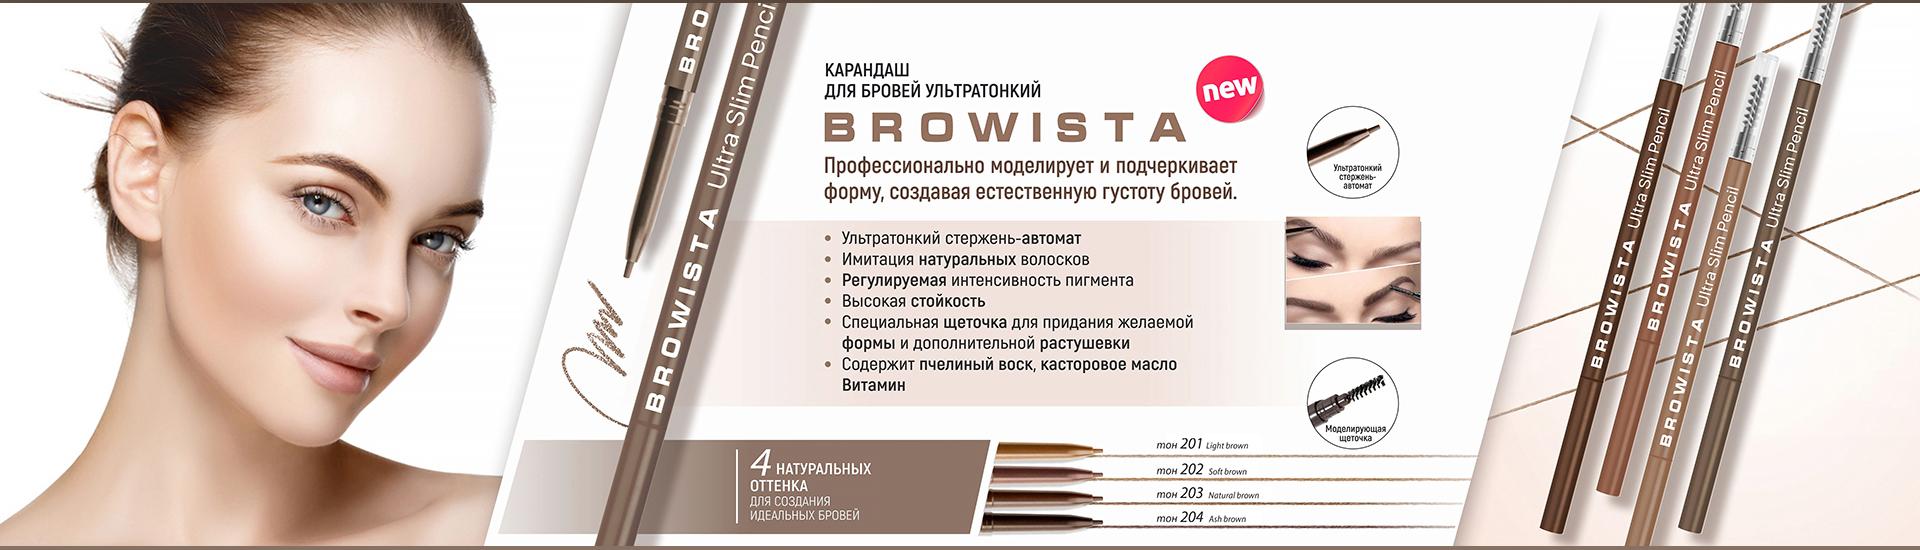 Elf косметика официальный сайт купить bielenda косметика купить в россии